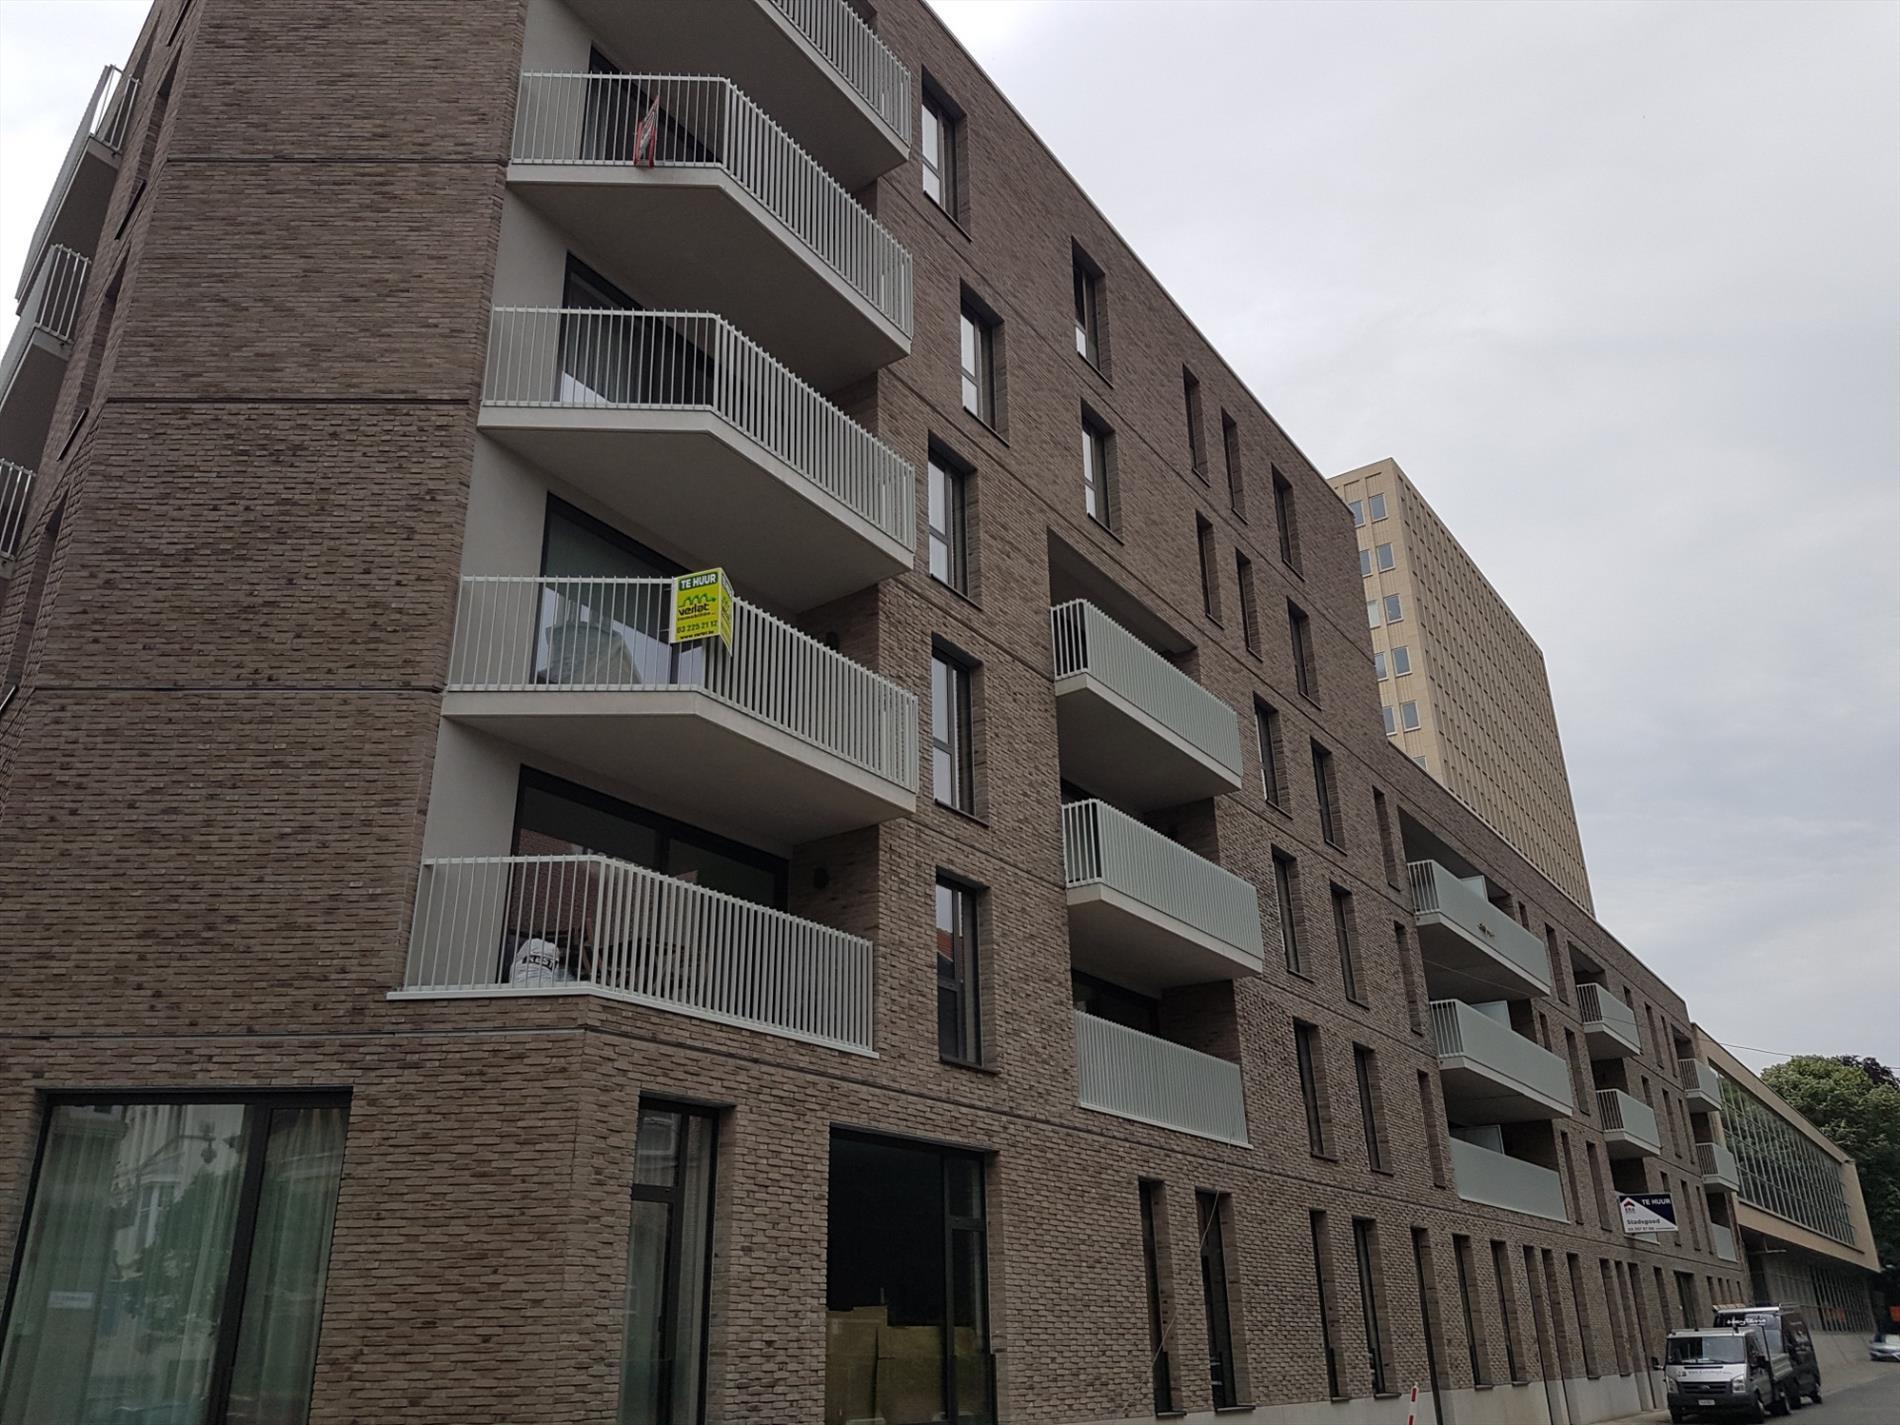 Haringrodestraat 94 Antwerpen